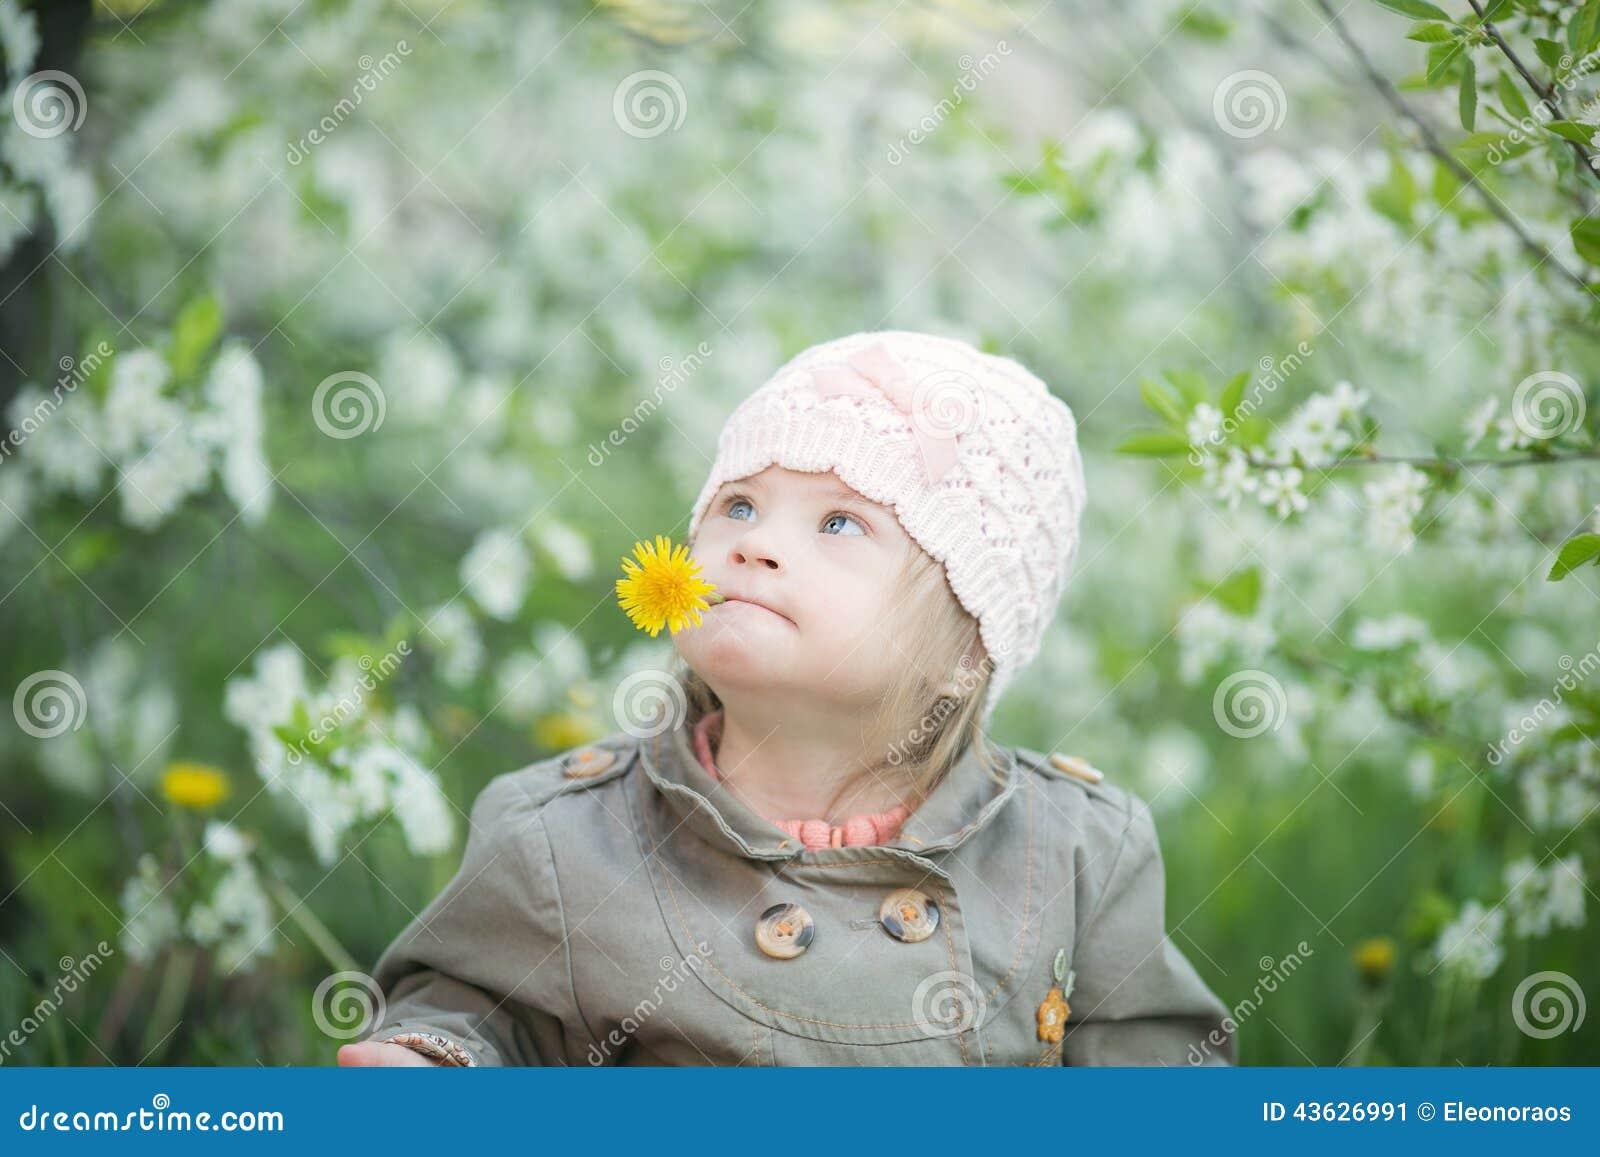 La Fille Drôle Avec La Trisomie 21 Dans La Bouche Tire Des ...